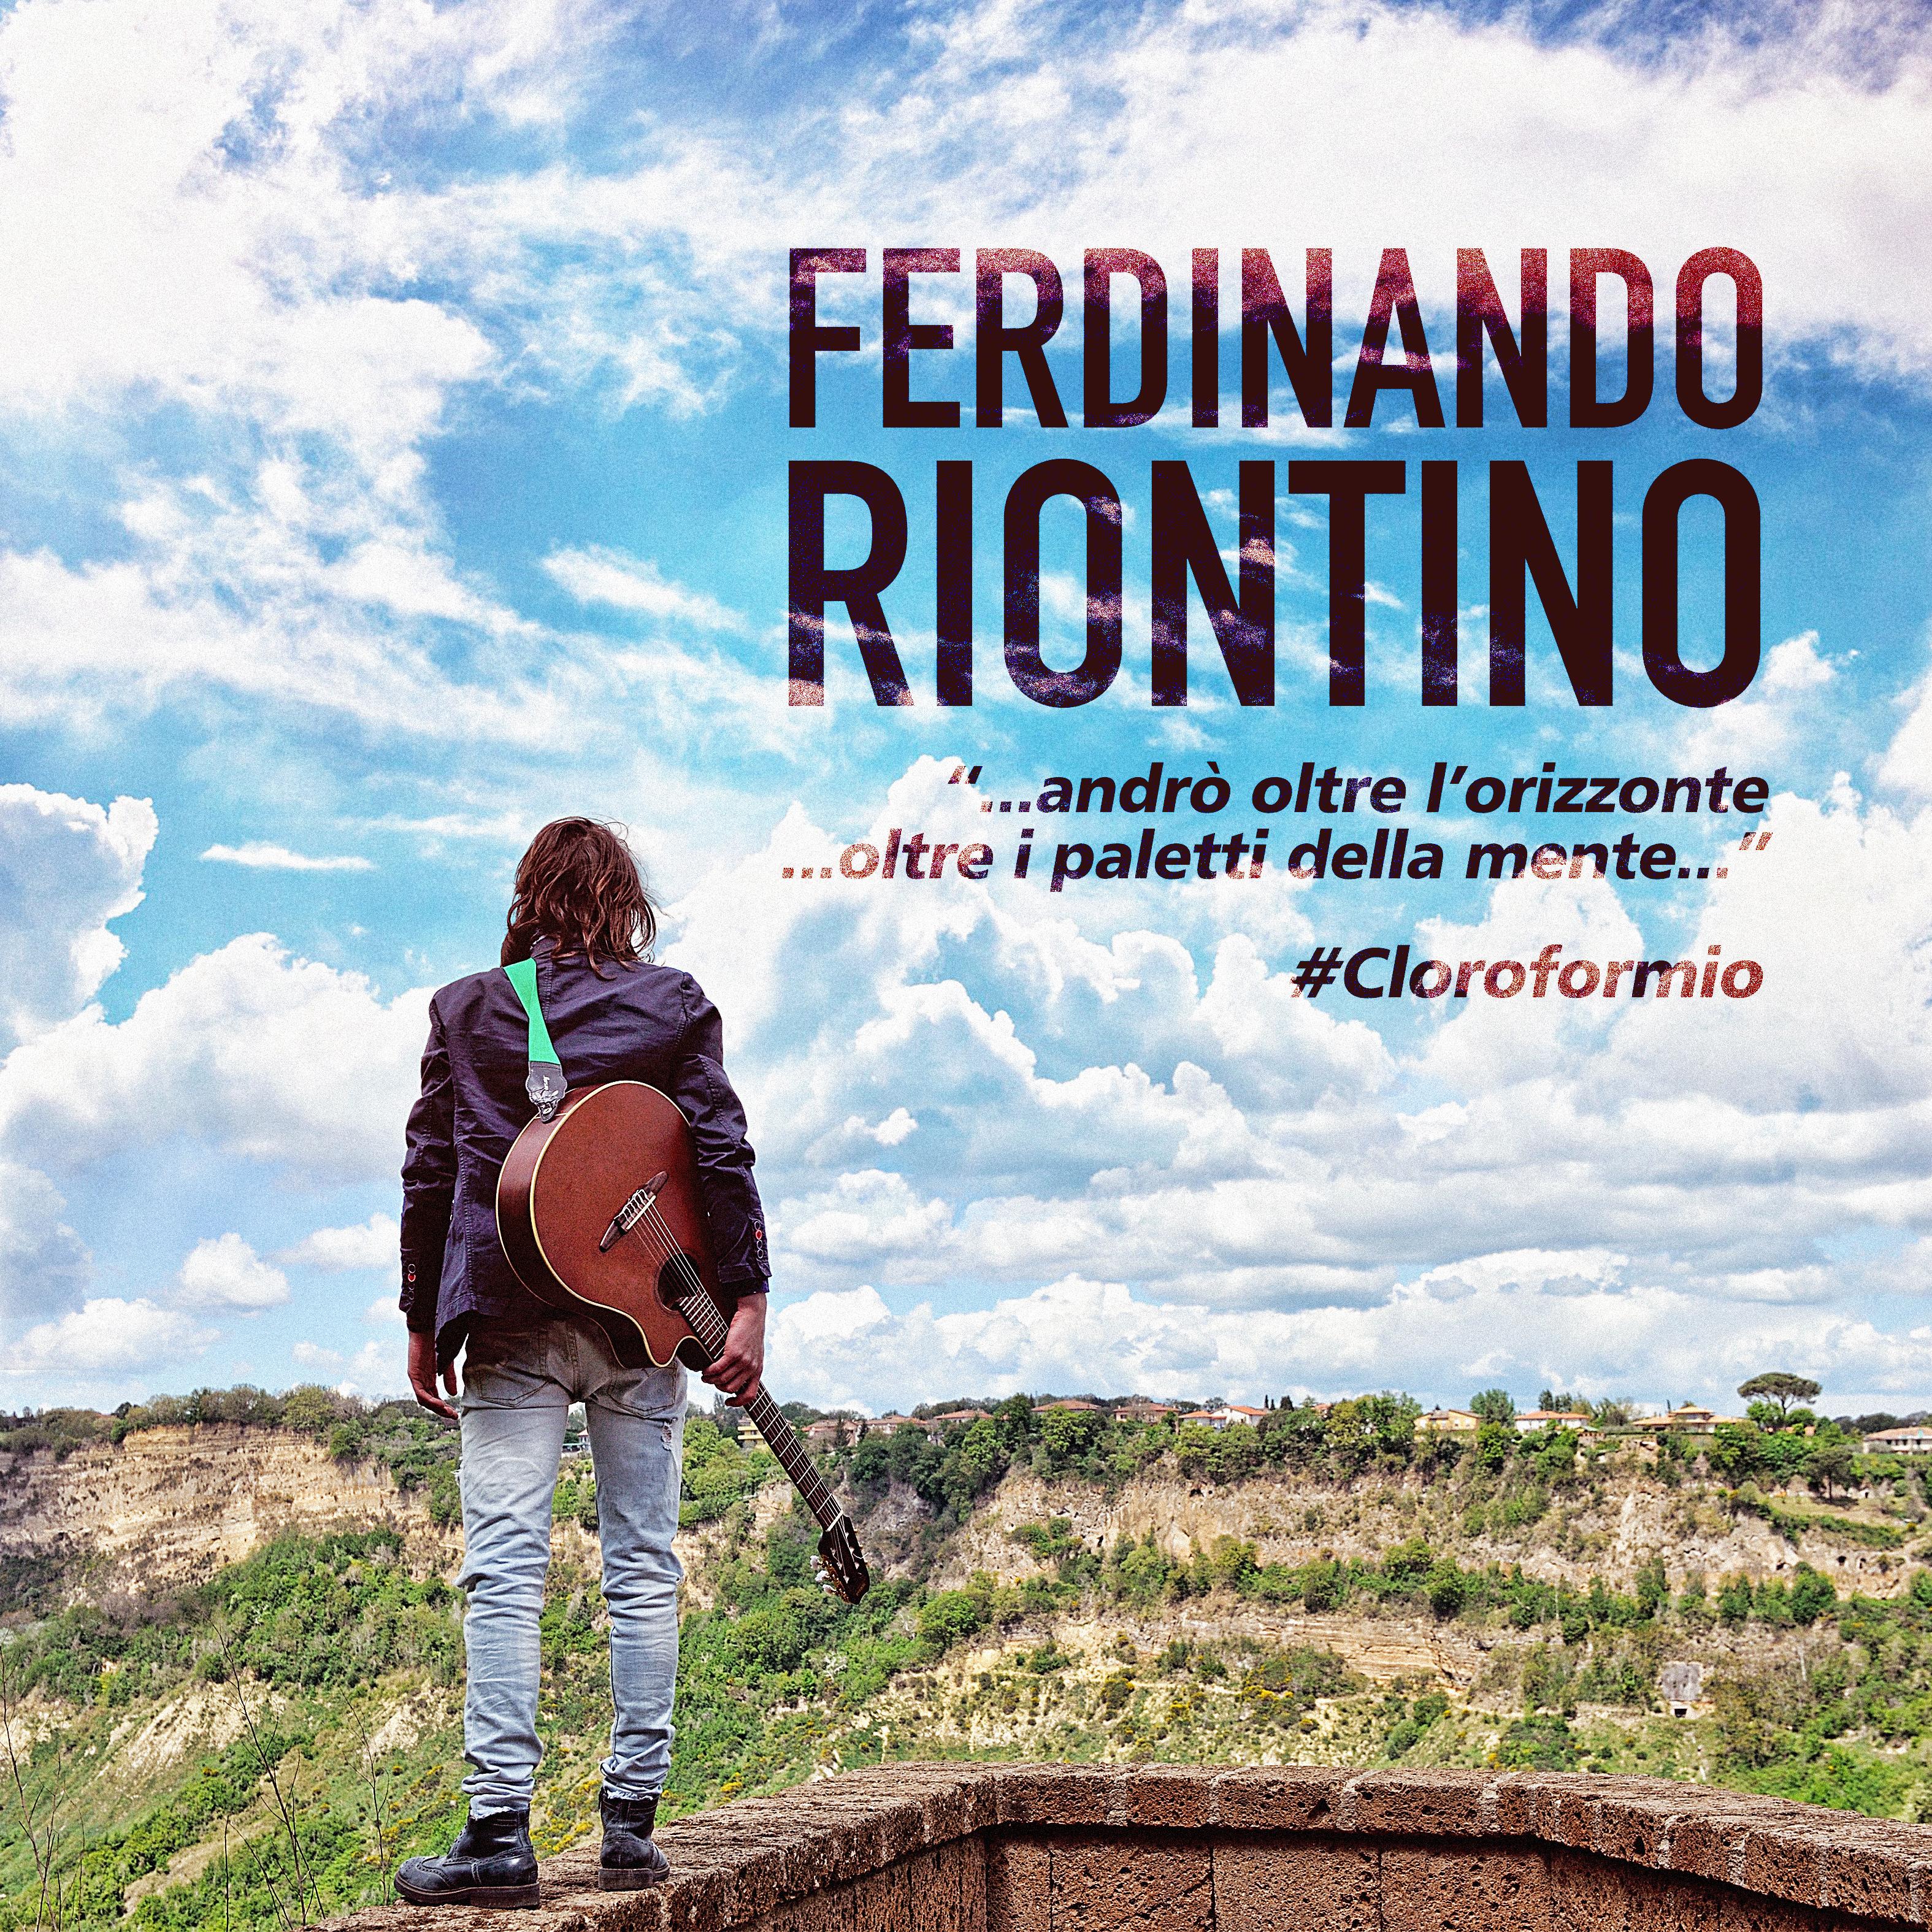 Dopo Nicola Di Bari, Zapponeta presenta alla musica italiana Ferdinando Riontino